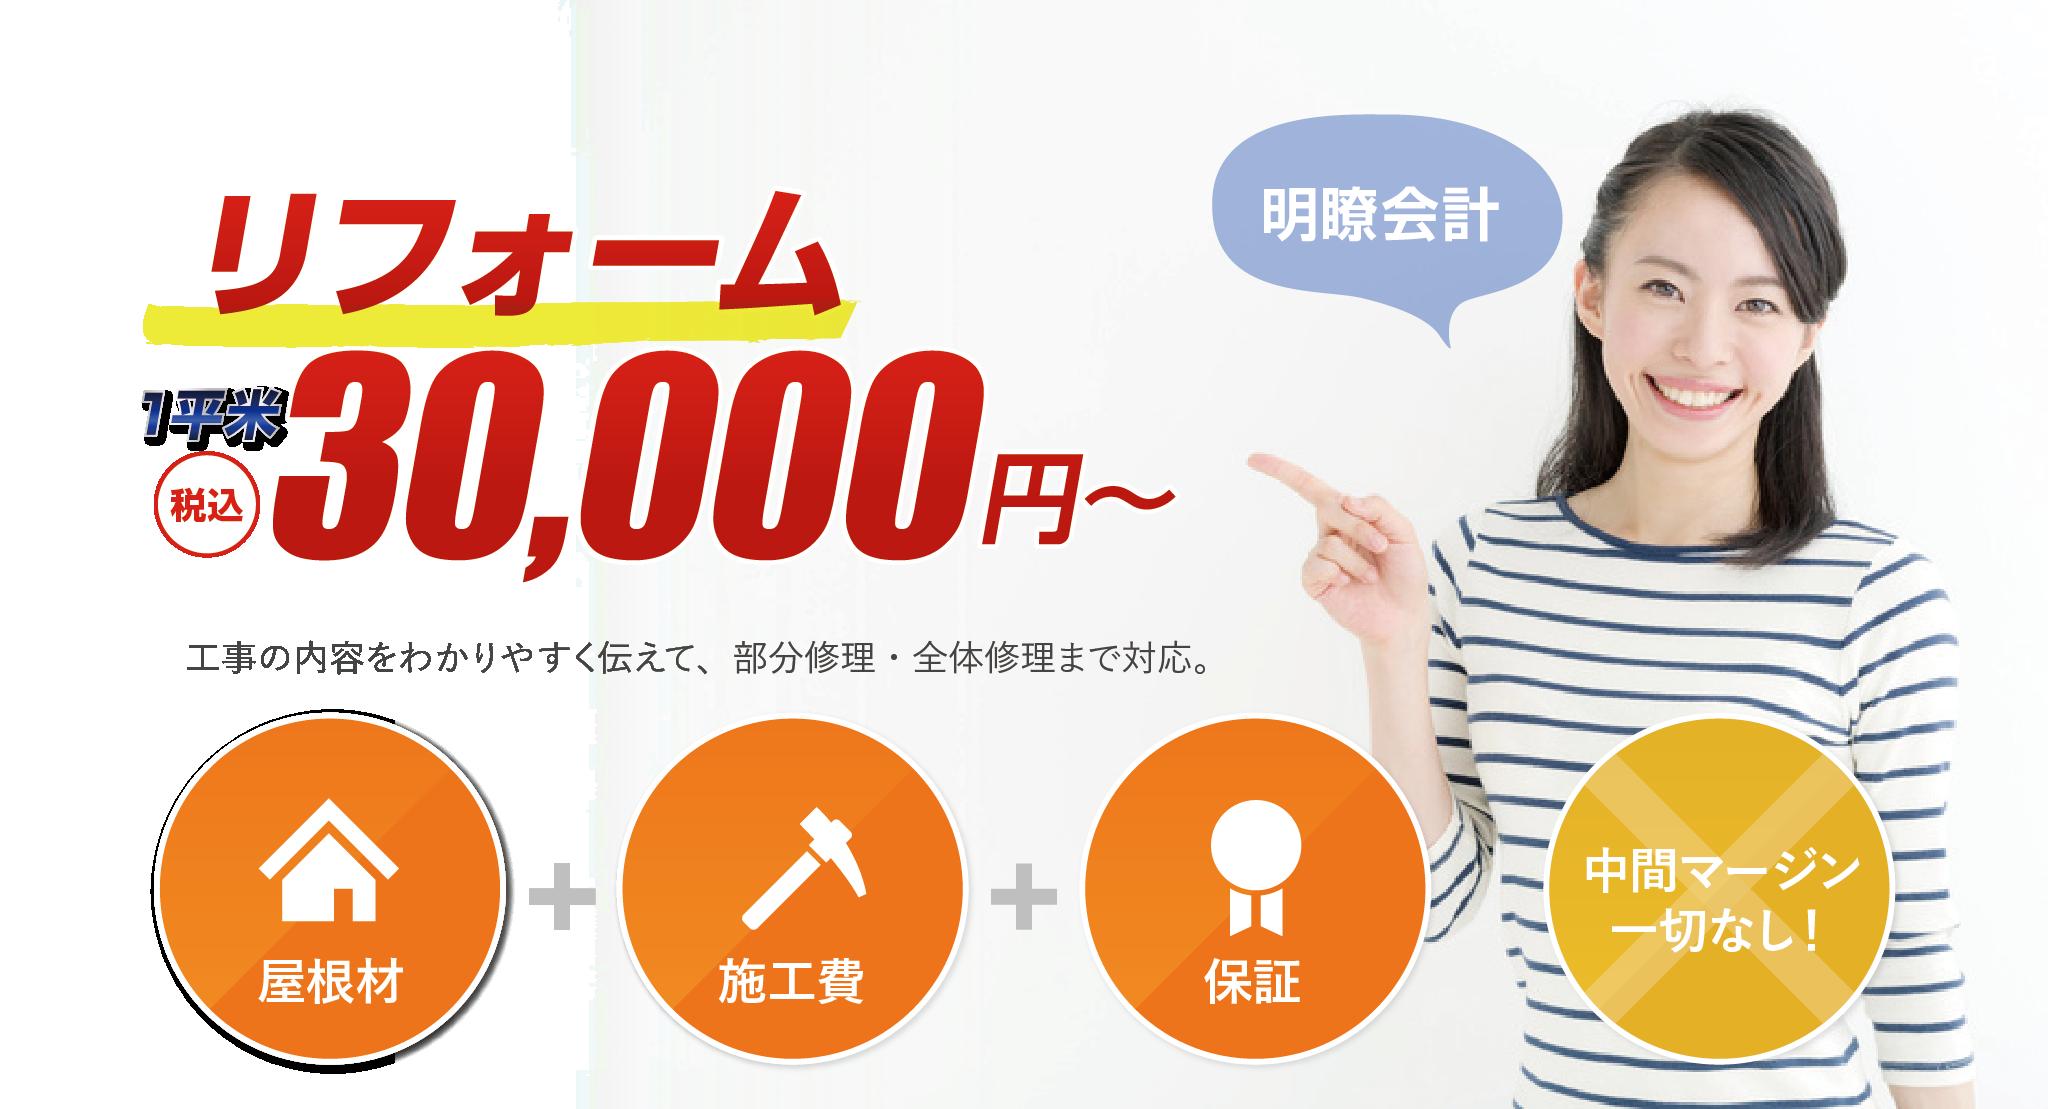 ポッキリ価格に挑戦!50,000円でスピード修正!!